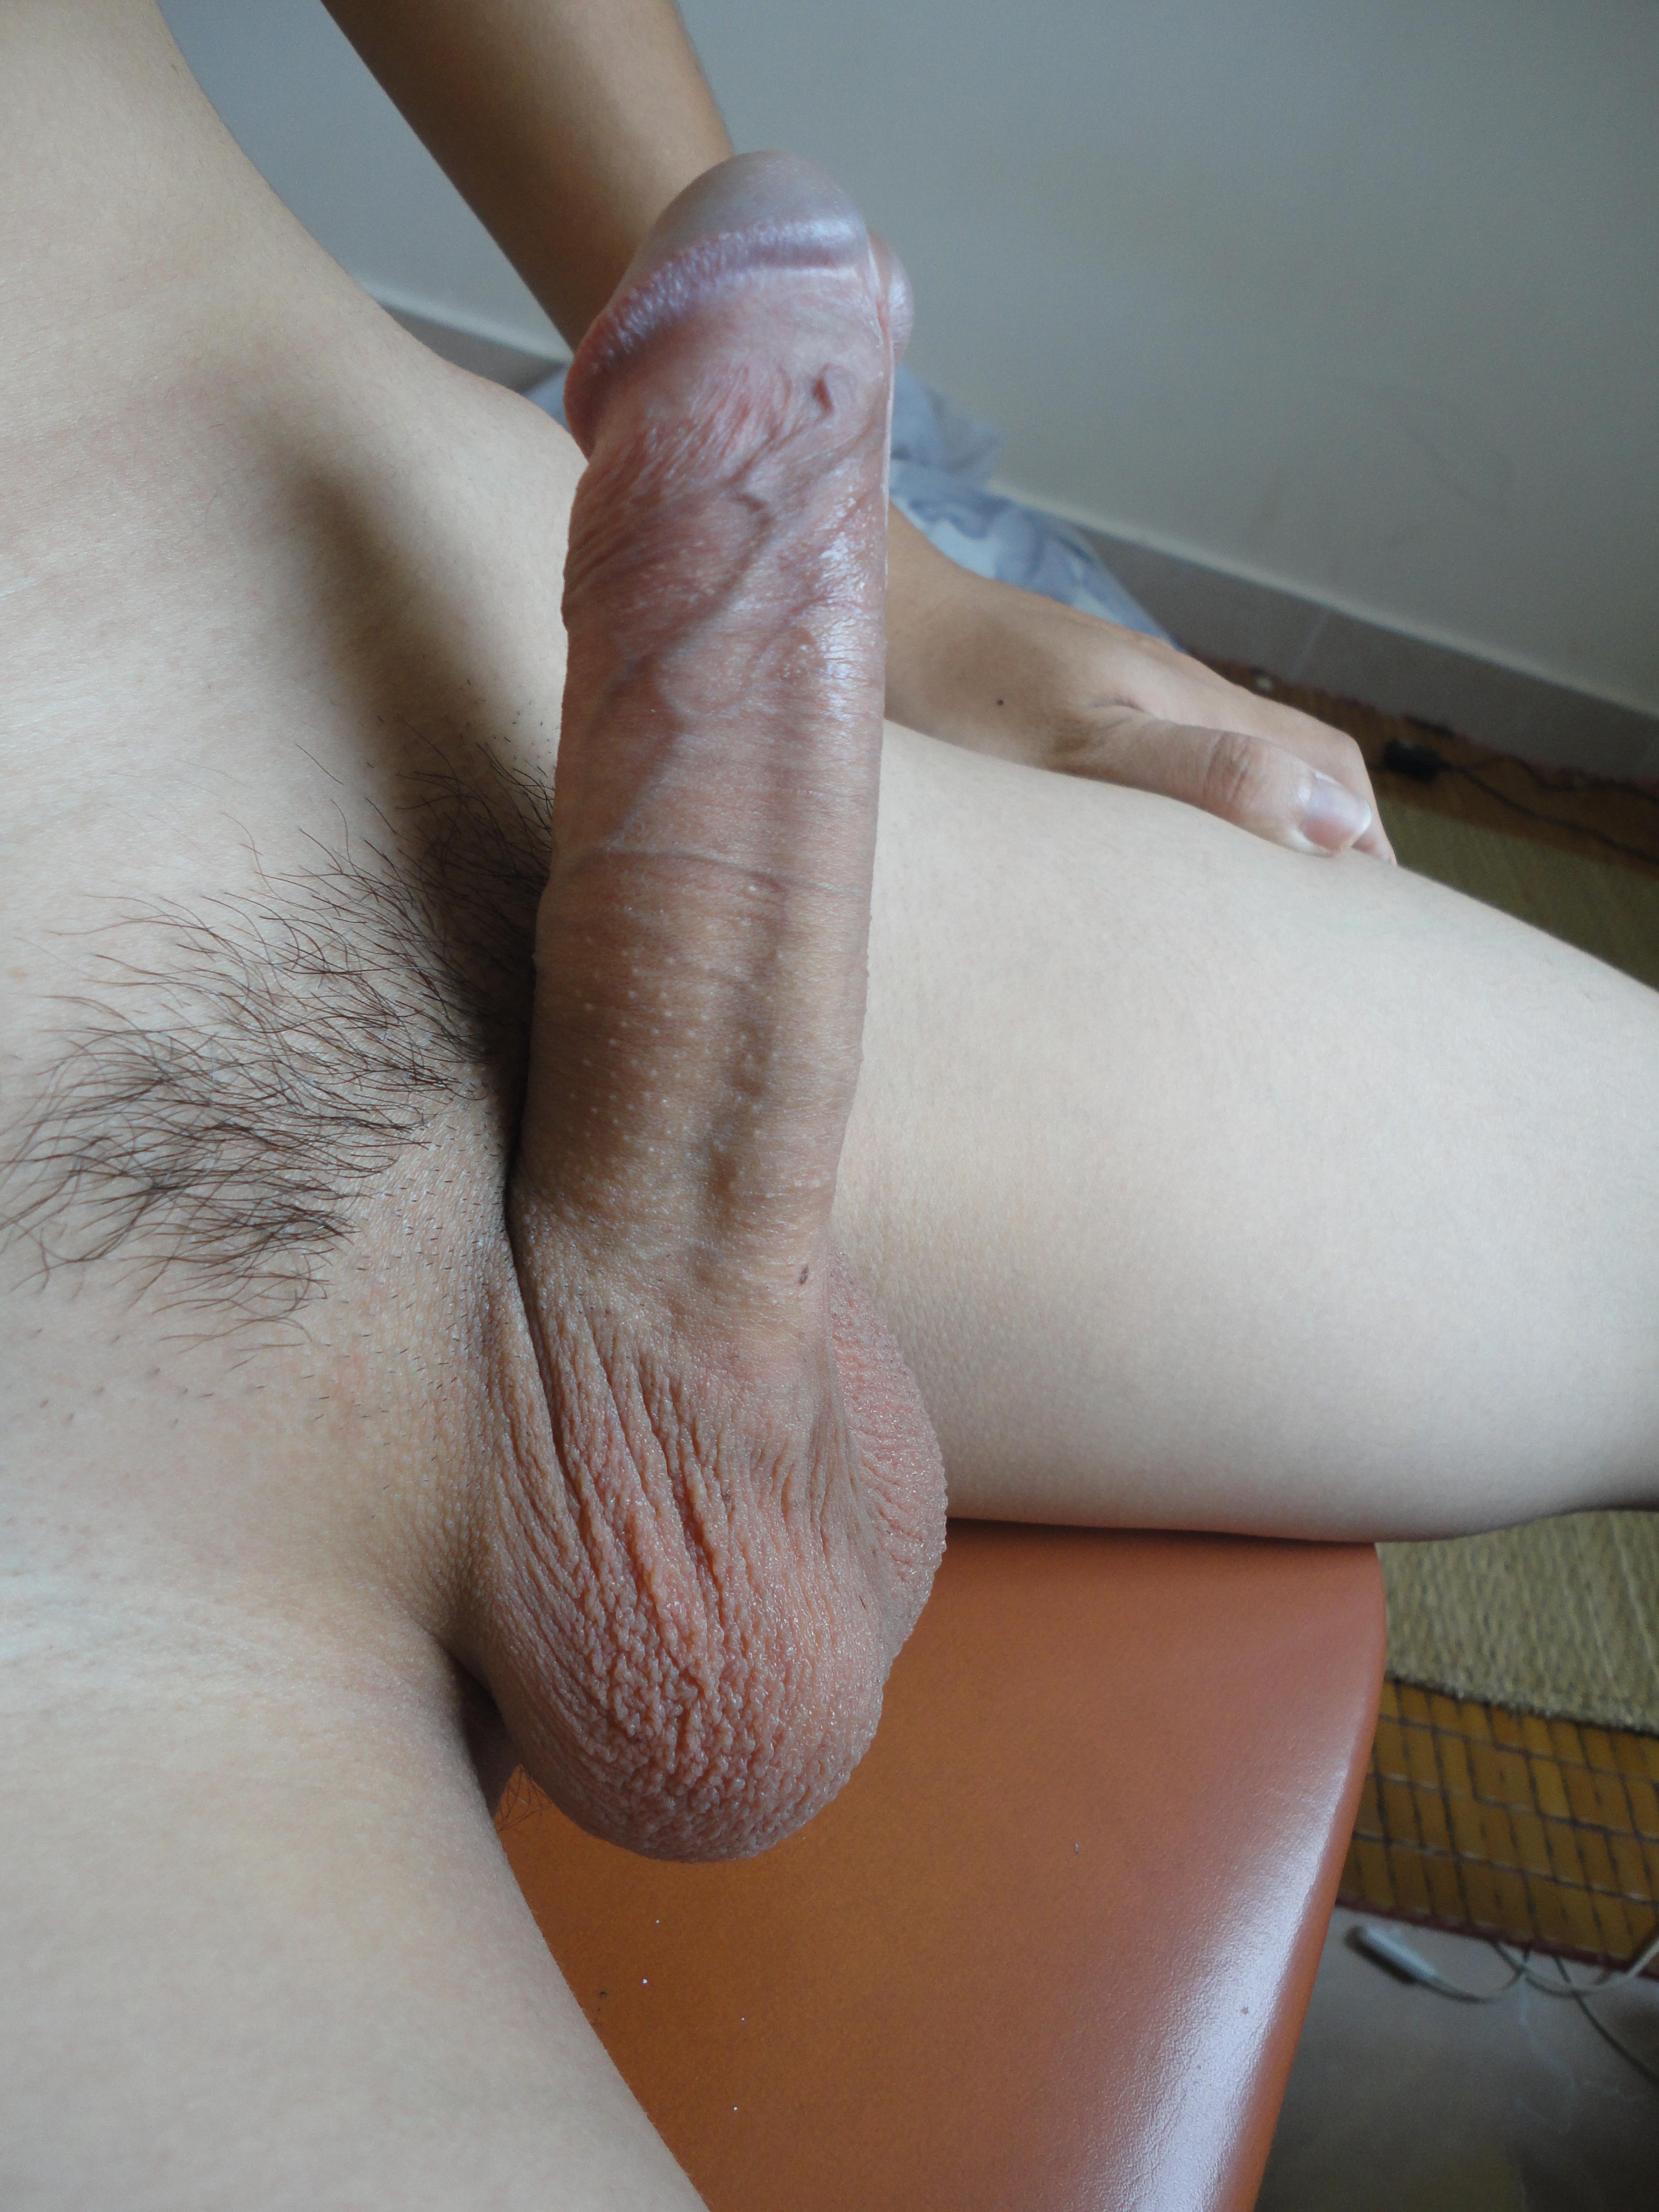 big booty bella bellz takes anal pounding